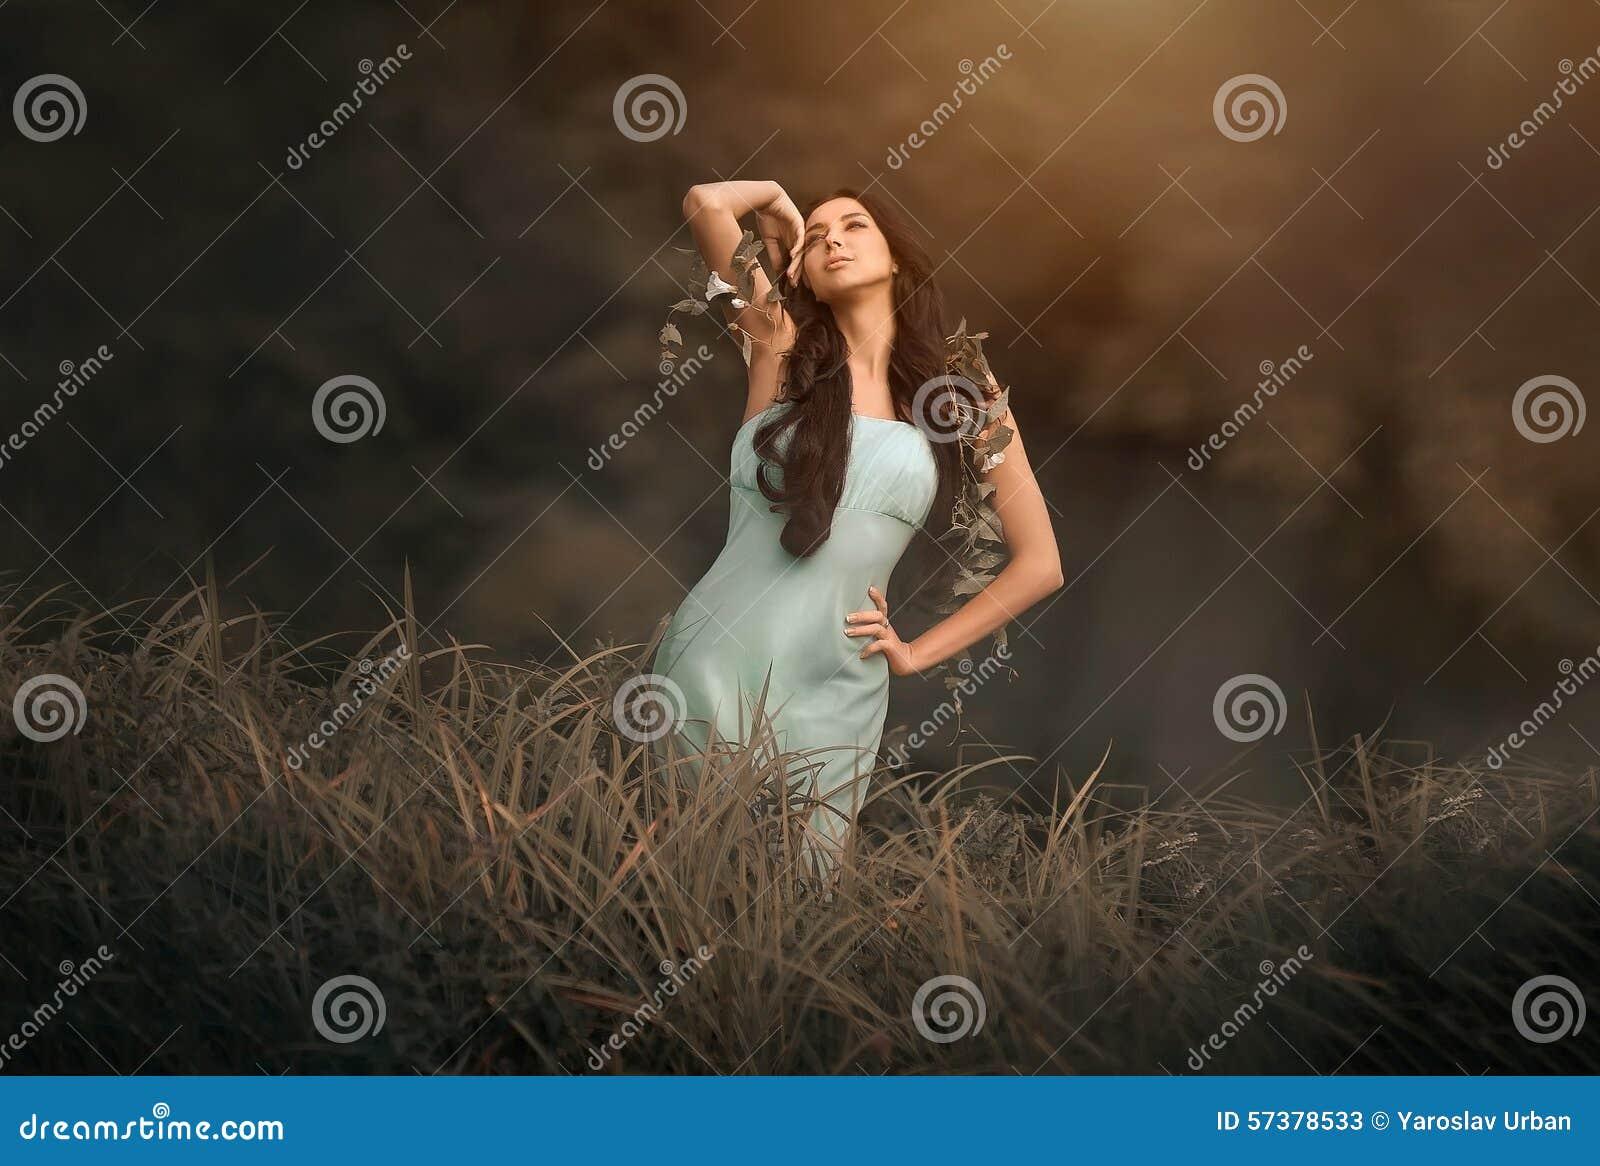 Fantasie fairytale en mooie vrouw - dryade